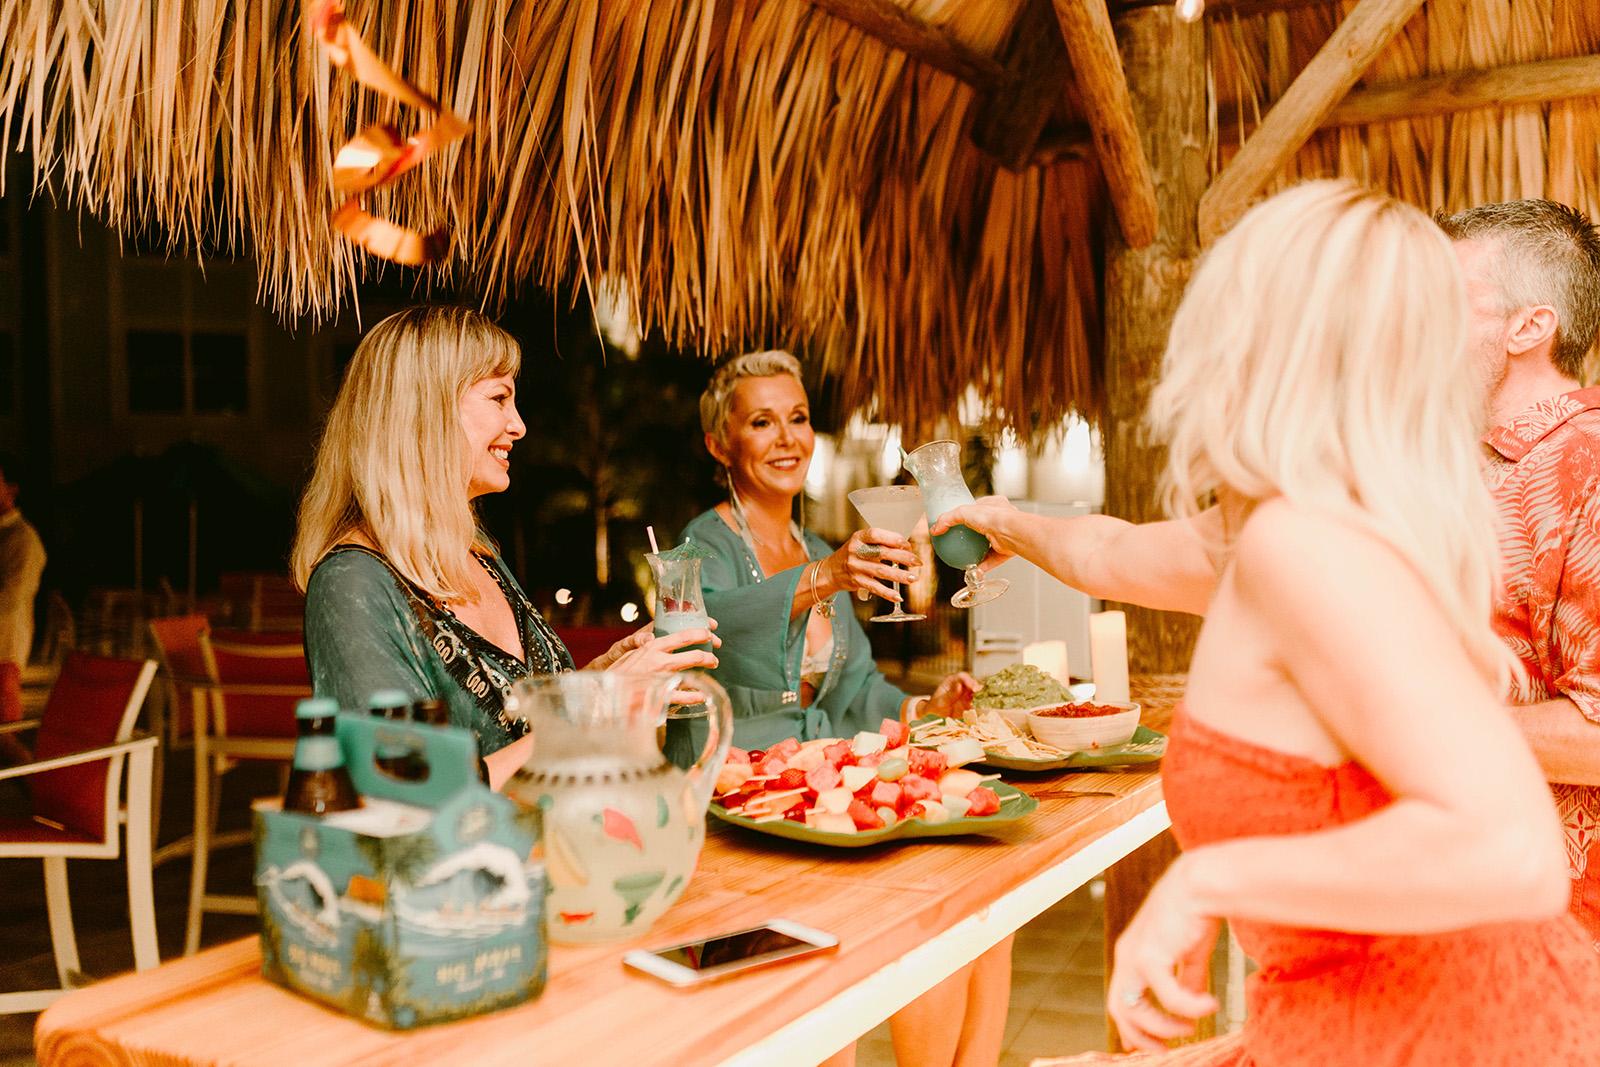 Ladies drinking at cabana bar